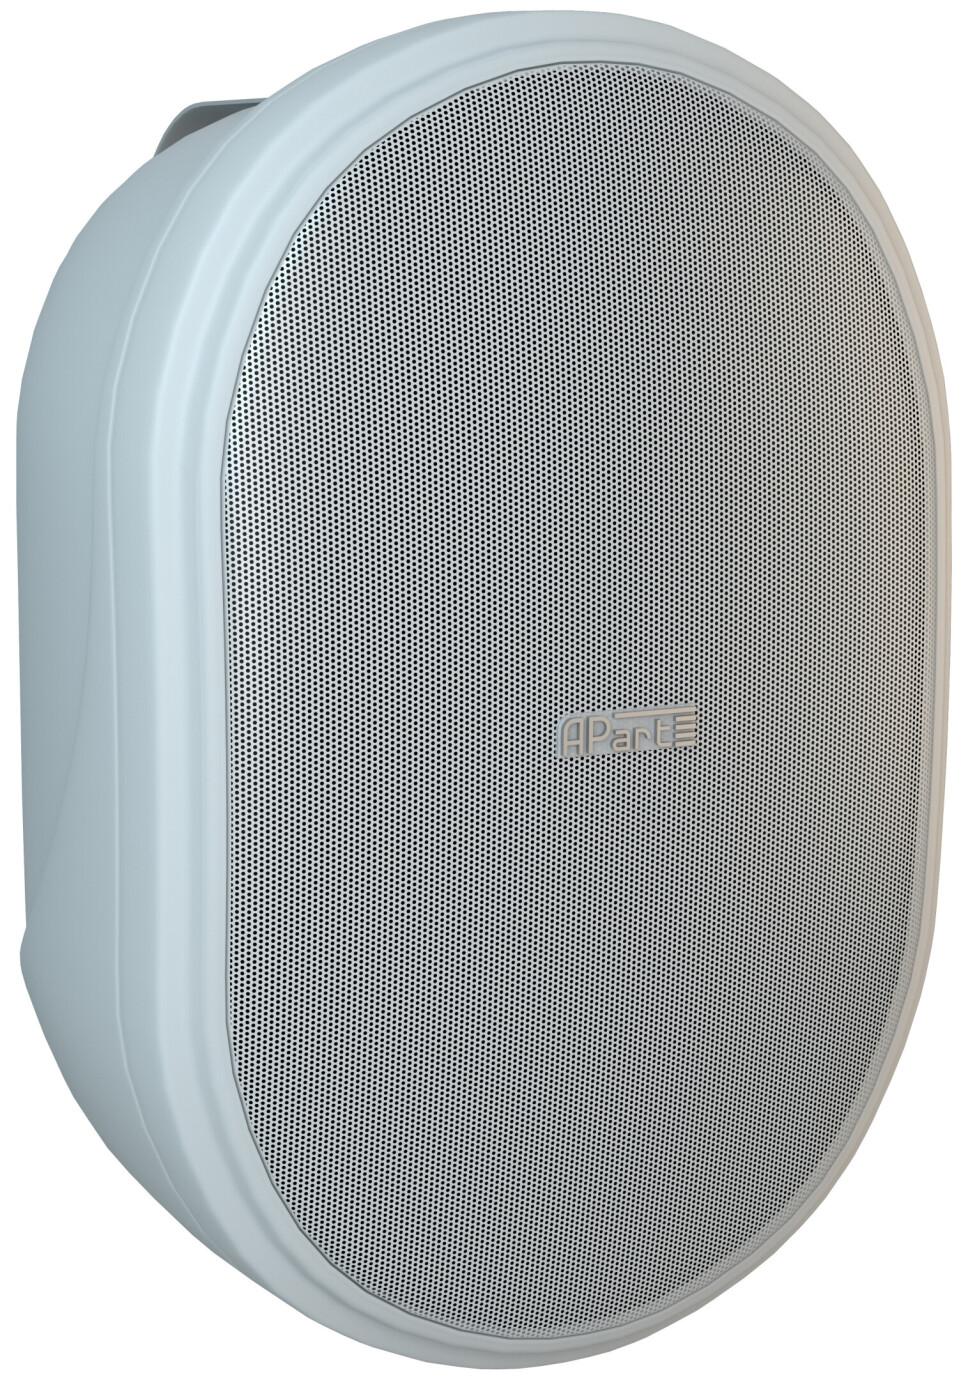 APart OVO8T Lautsprecher - Paar- 160 W - weiß